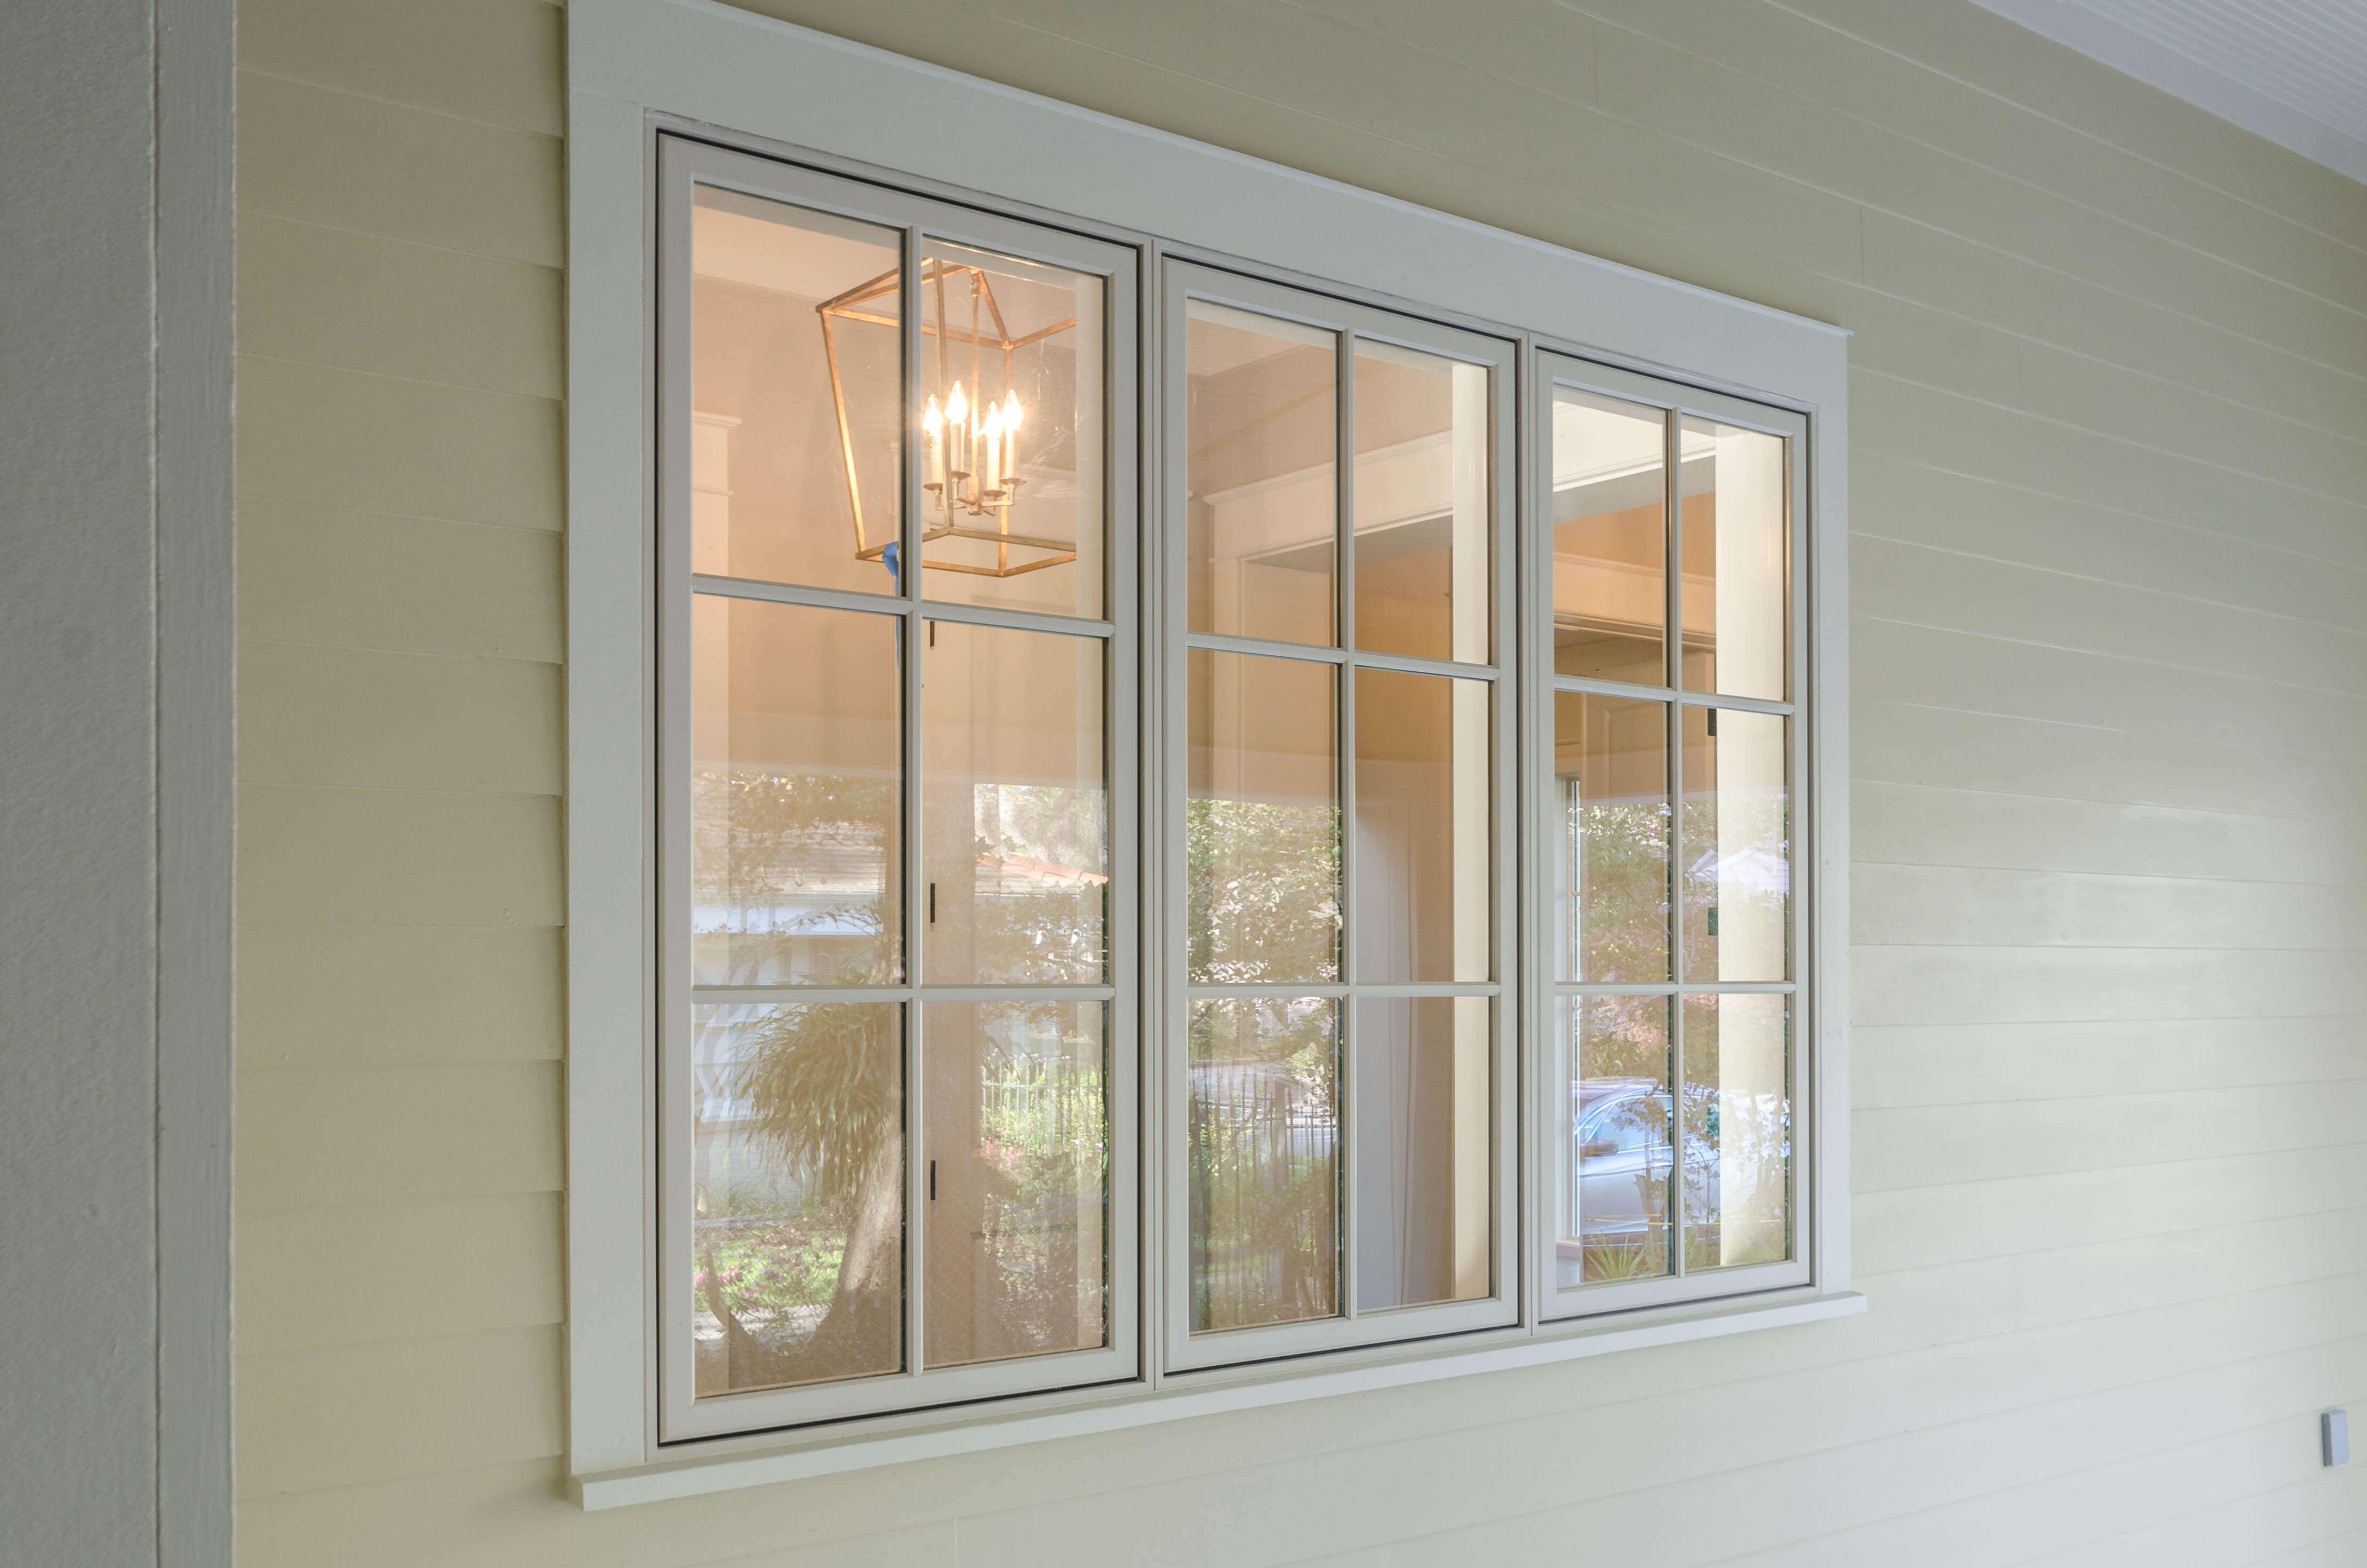 2939 #836748 Windows Vinyl Aluminum Wood Clad Windows Jefferson Door wallpaper Wood Clad Doors 47554437